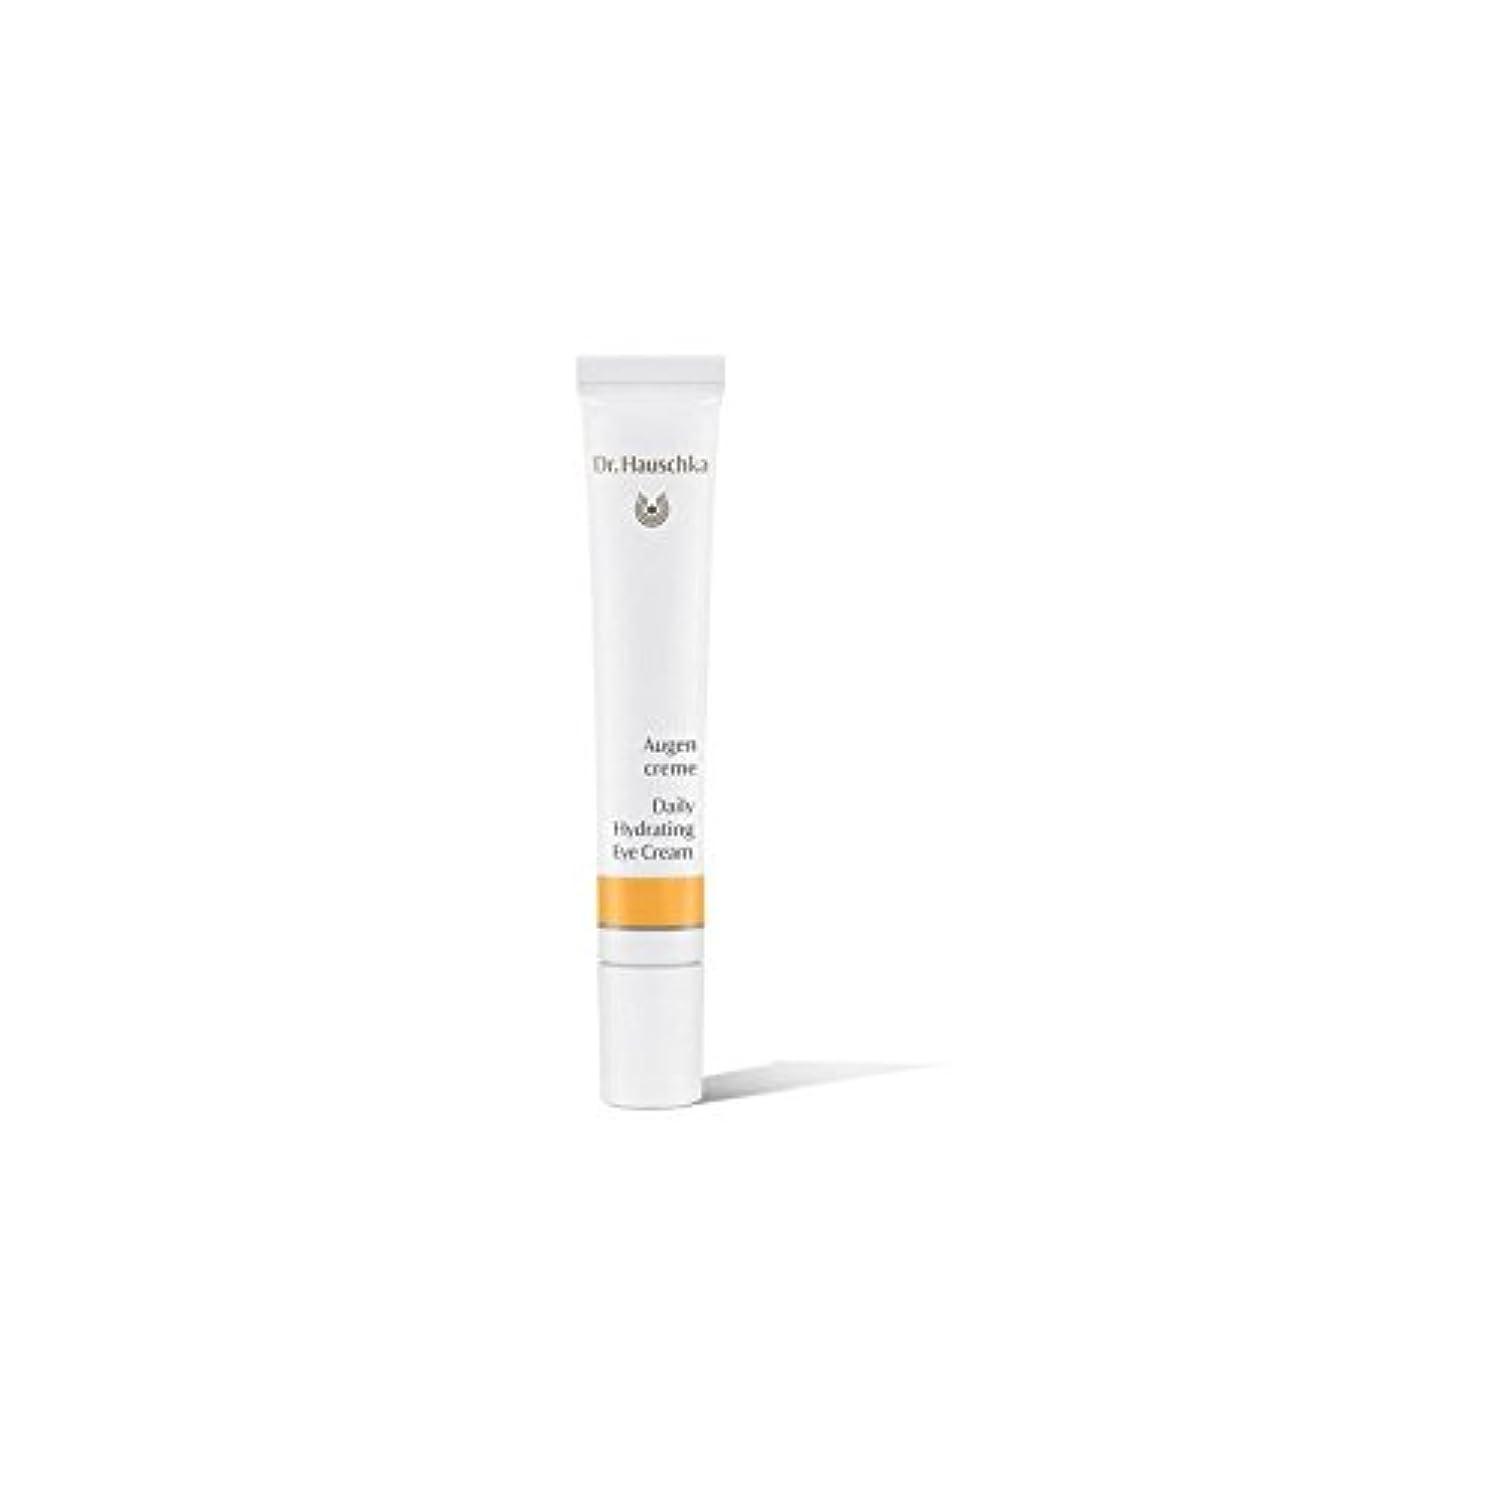 ロッカー通常平和Dr. Hauschka Daily Hydrating Eye Cream 12.5ml (Pack of 6) - ハウシュカ毎日水和アイクリーム12.5ミリリットル x6 [並行輸入品]